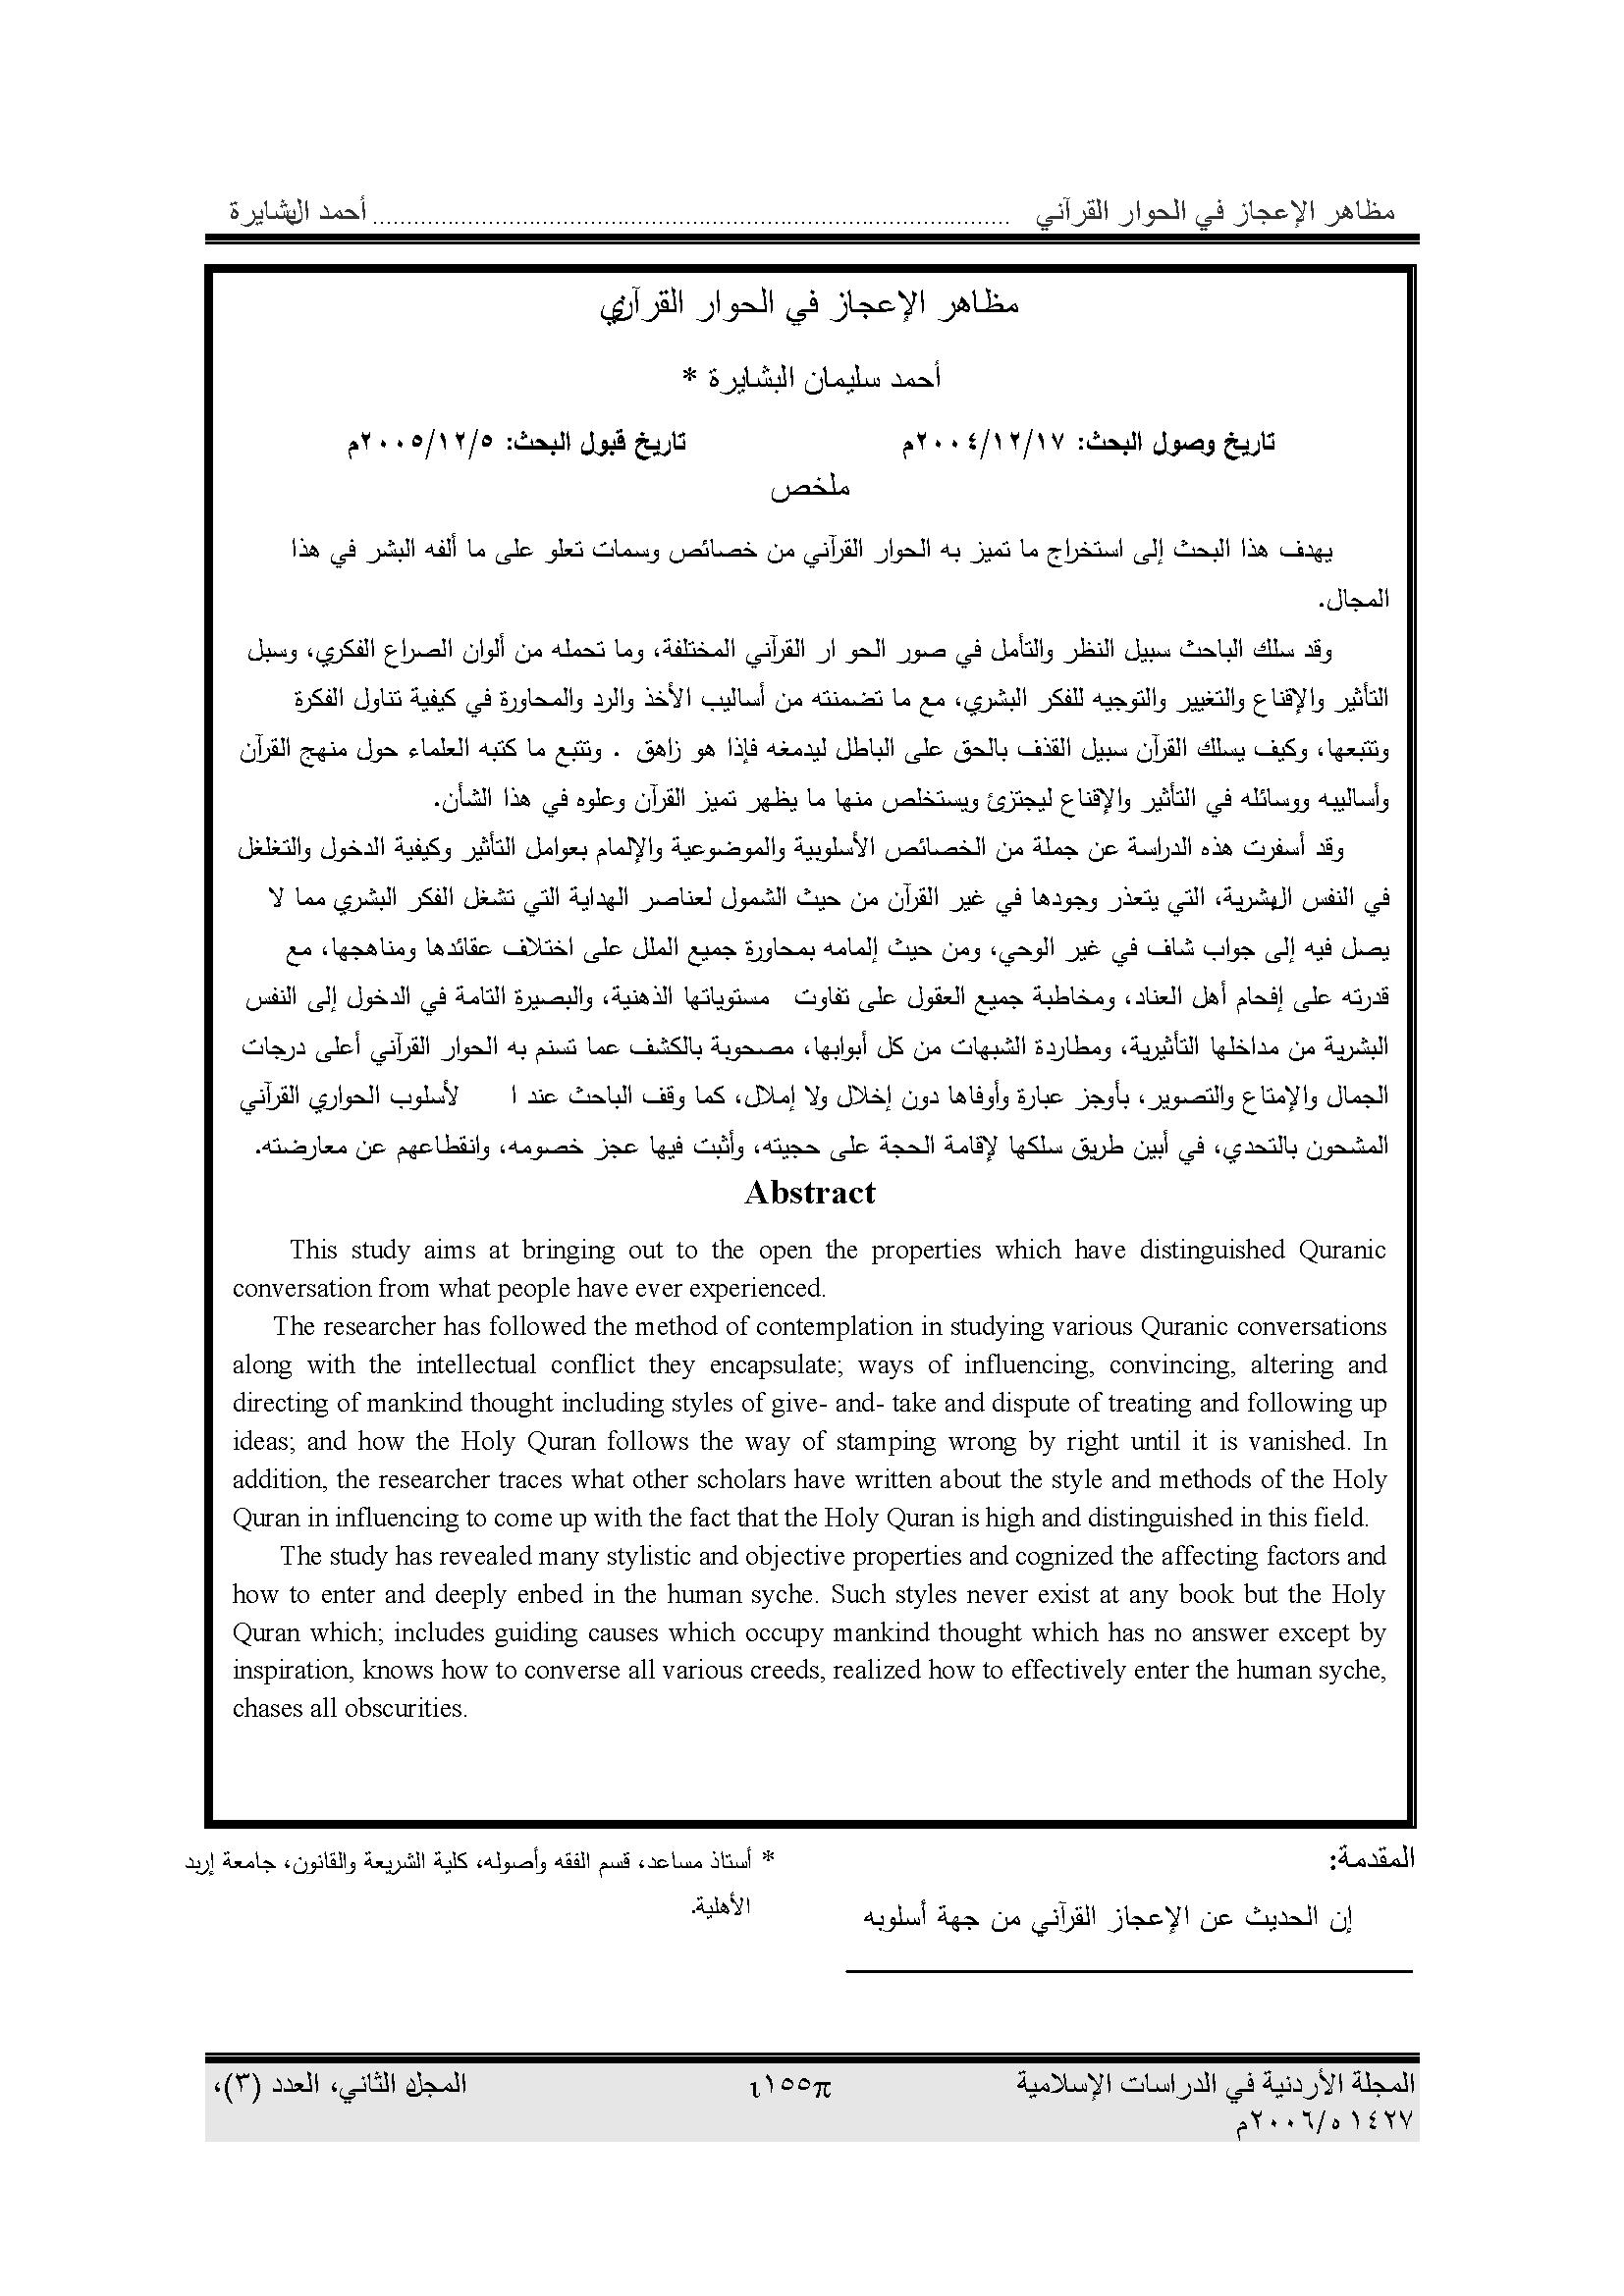 تحميل كتاب مظاهر الإعجاز في الحوار القرآني لـِ: الدكتور أحمد سليمان البشايرة